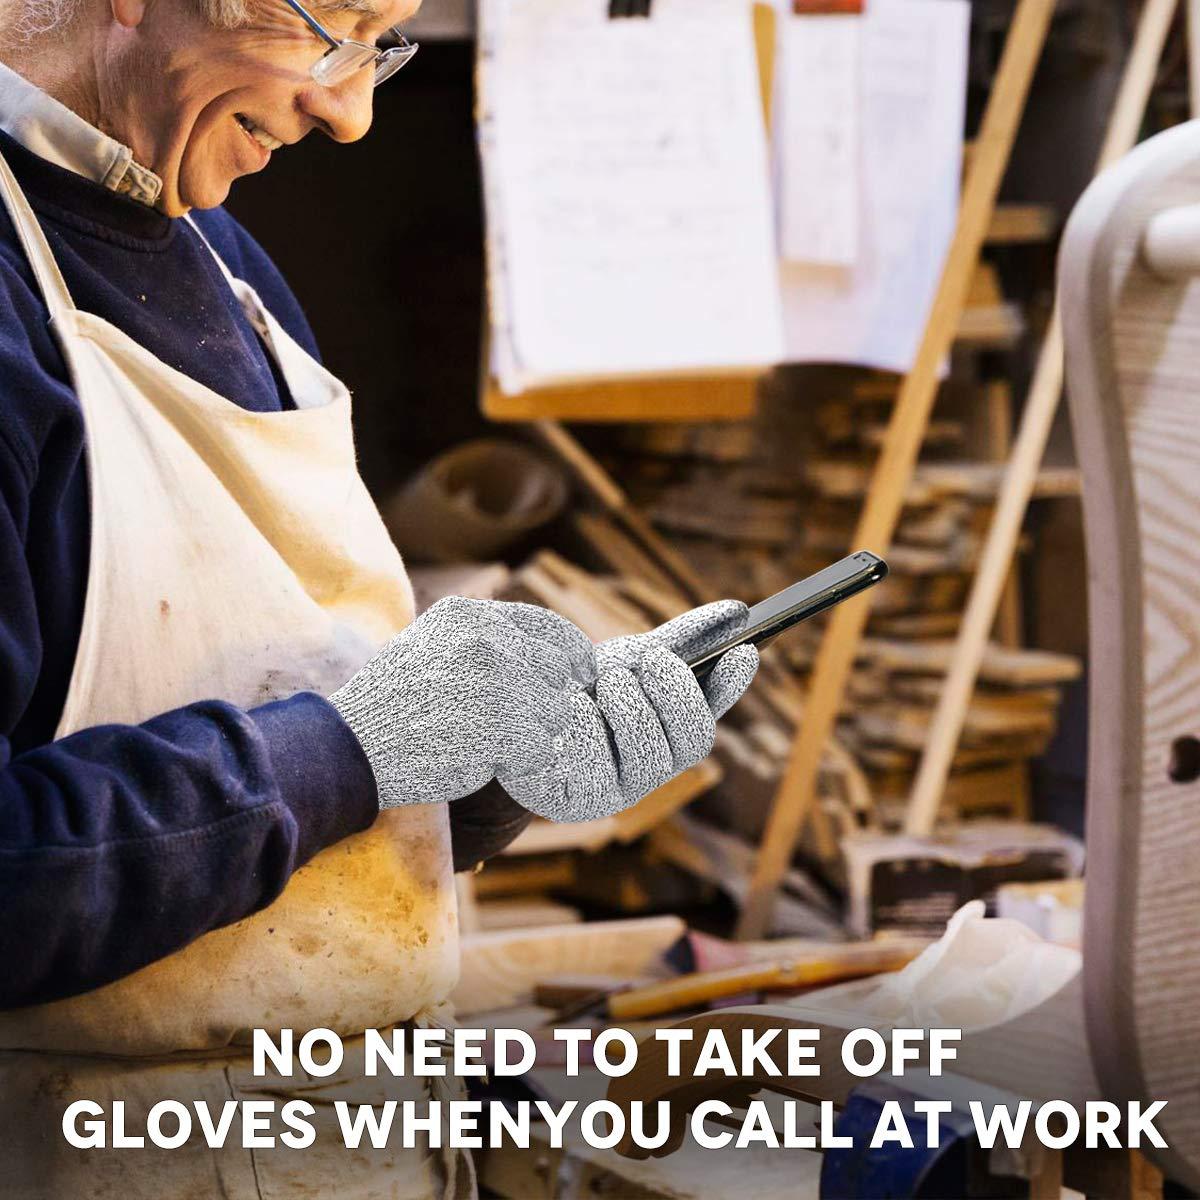 Cut Resistant Gloves Cutting Kitchen Work Safety Gloves Kevlar Gloves for Kitchen Mandala Slicer Vegetable Slice Fruit Peeling Wood Carving Garden